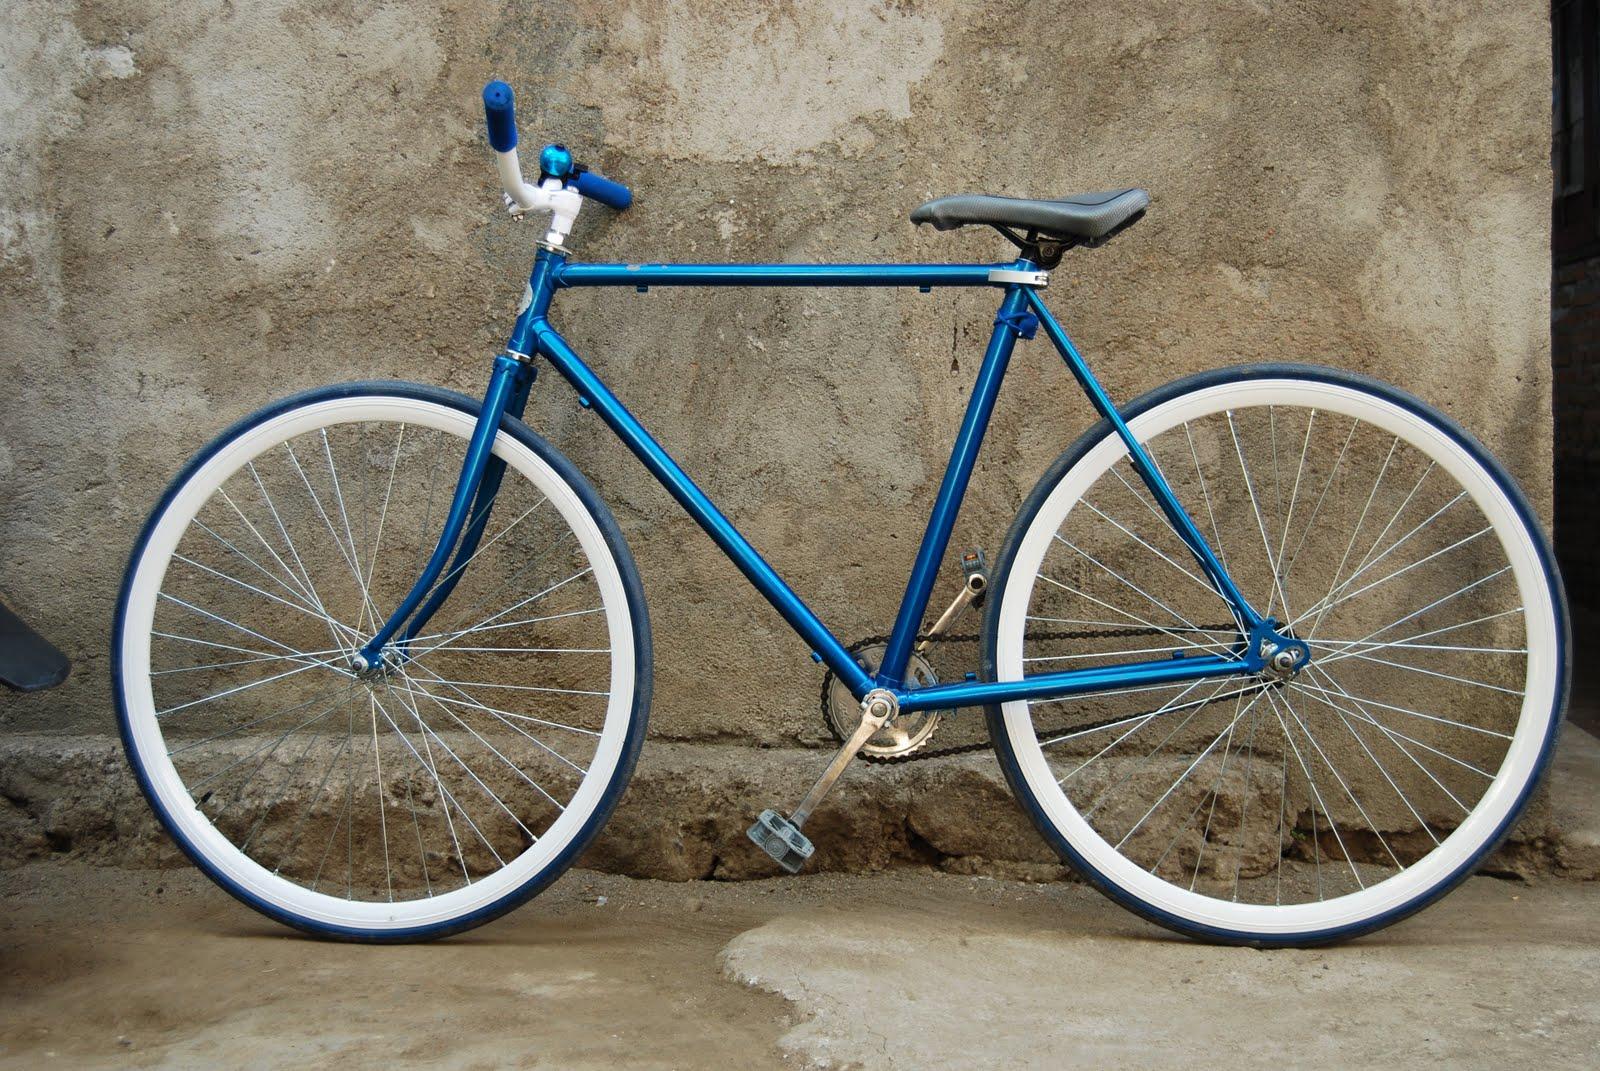 Terjual JUAL sepeda fixie balap FLKR (folker) KASKUS